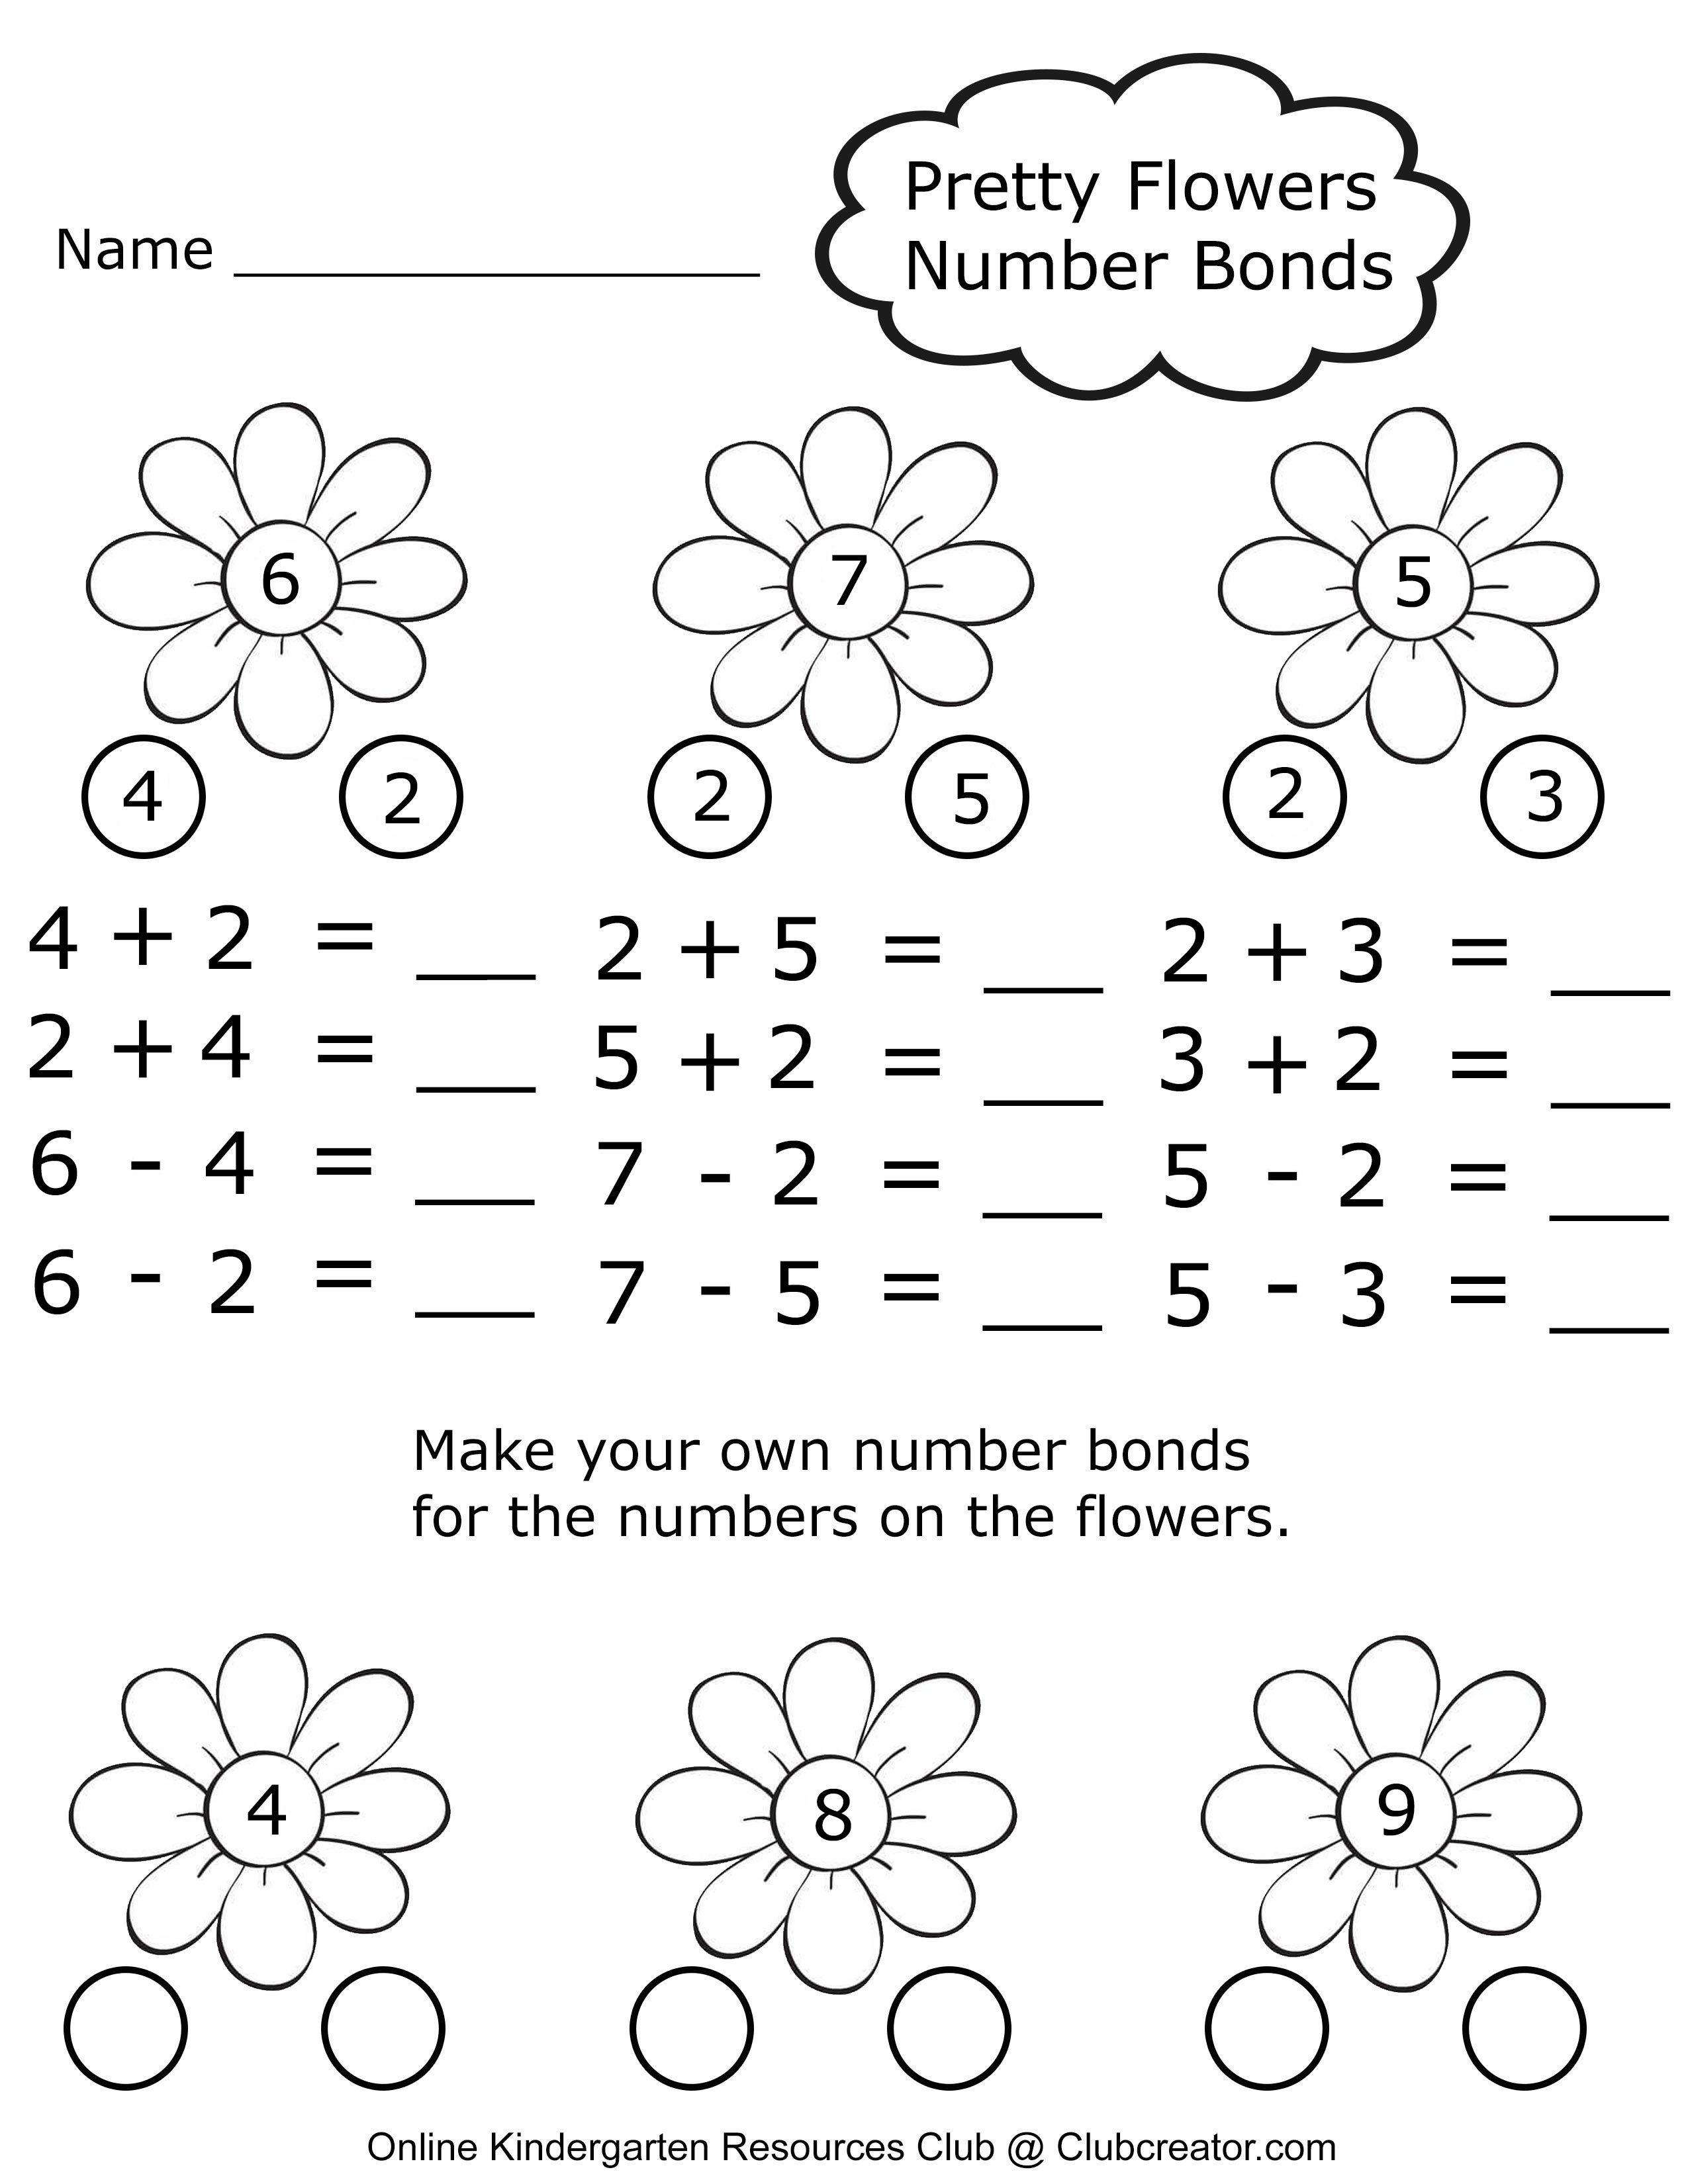 Kindergarten Number Bonds In